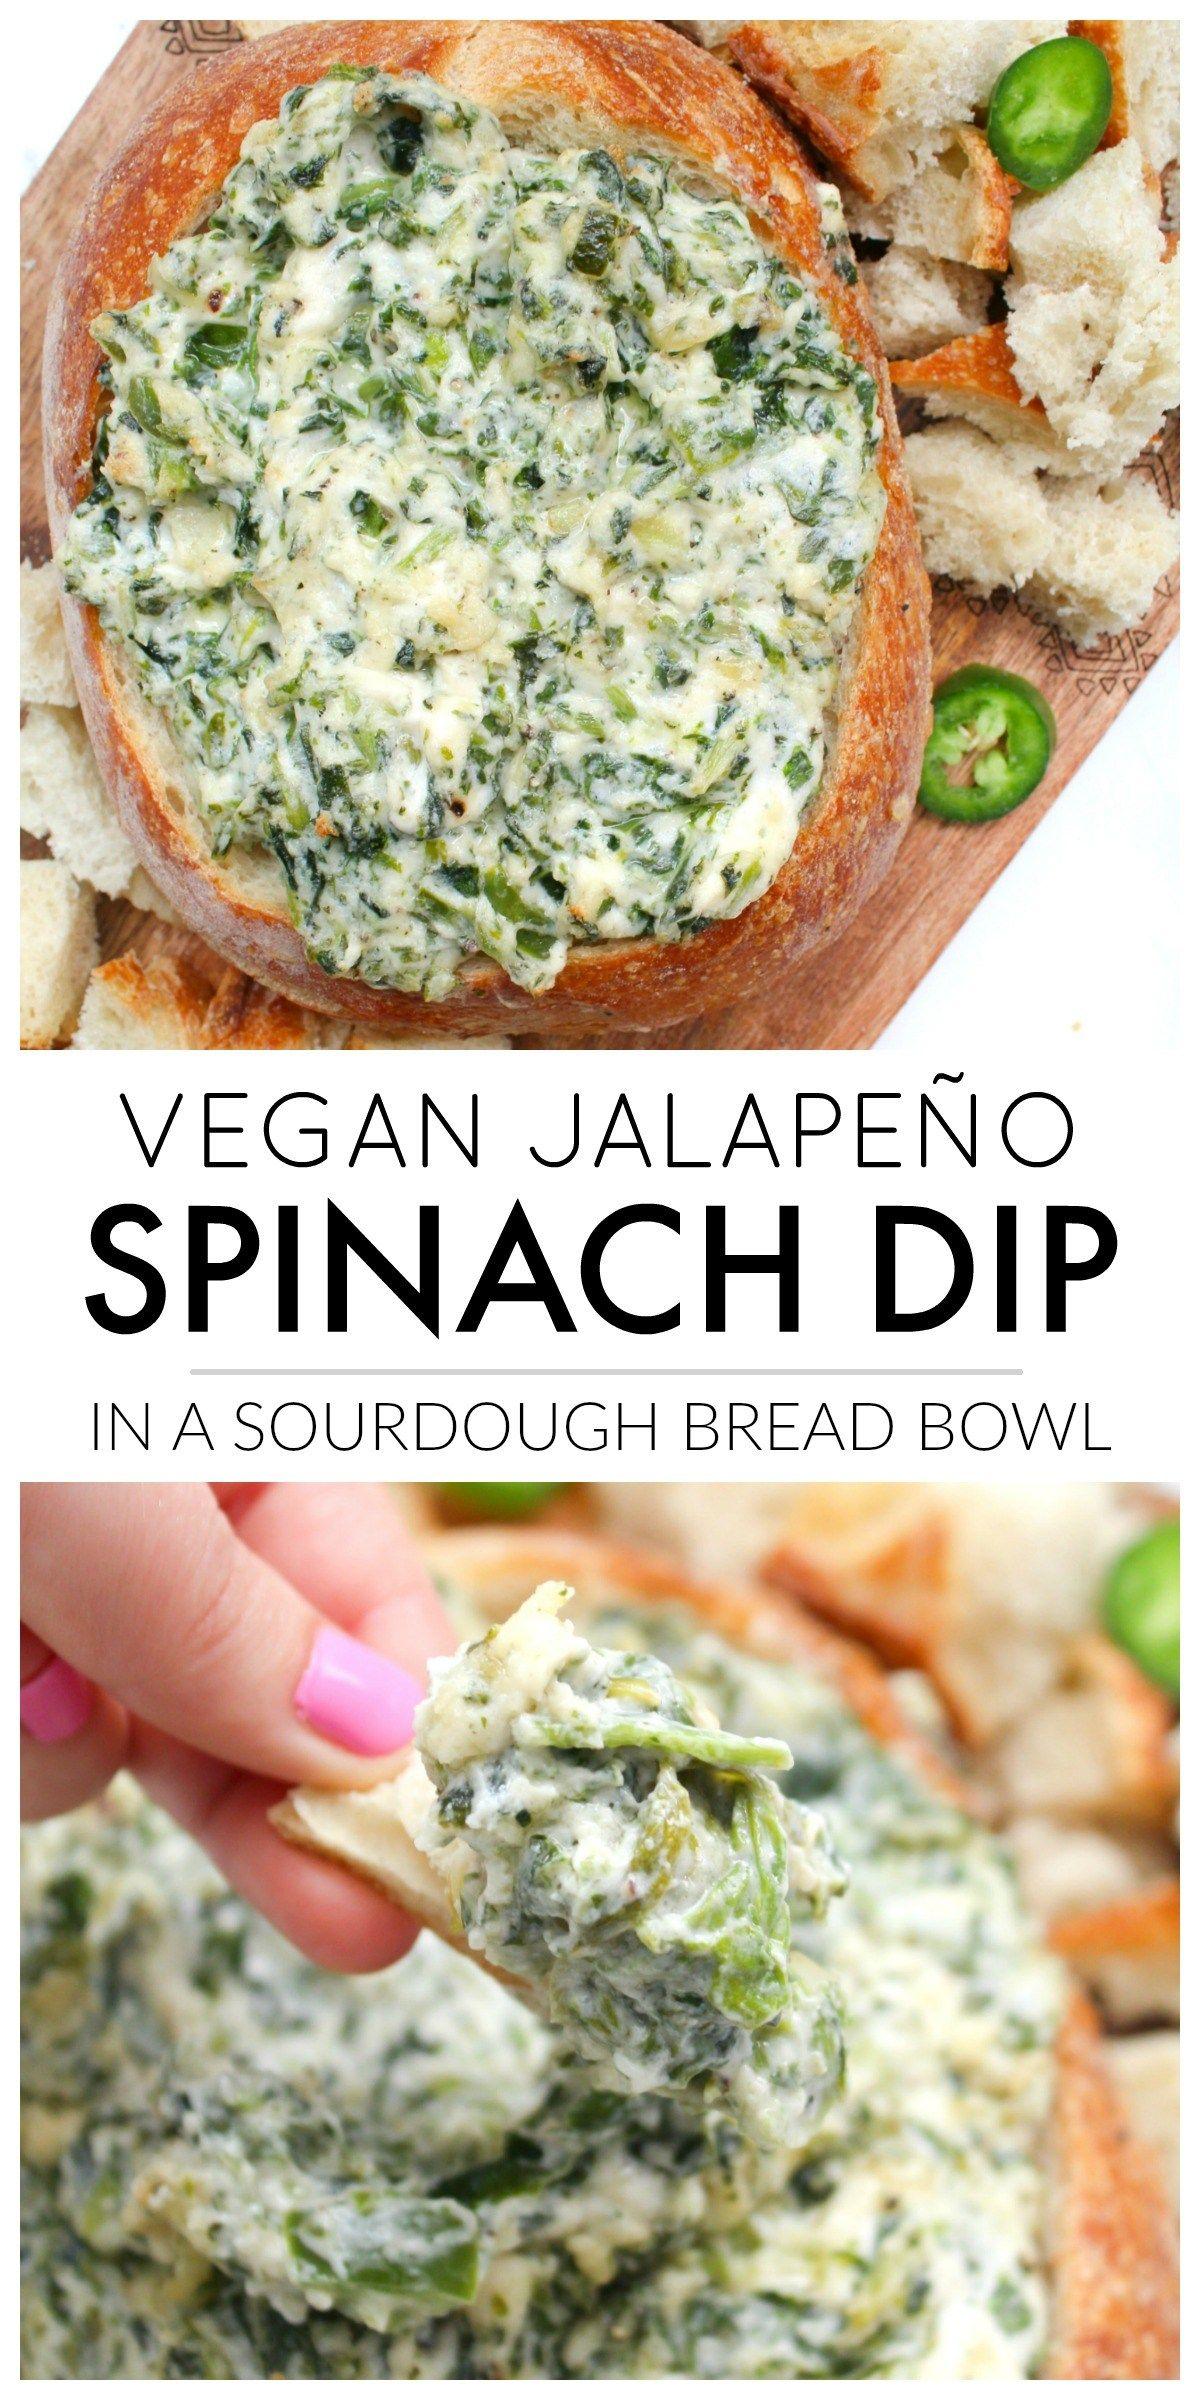 Vegan Jalapeño Spinach Dip